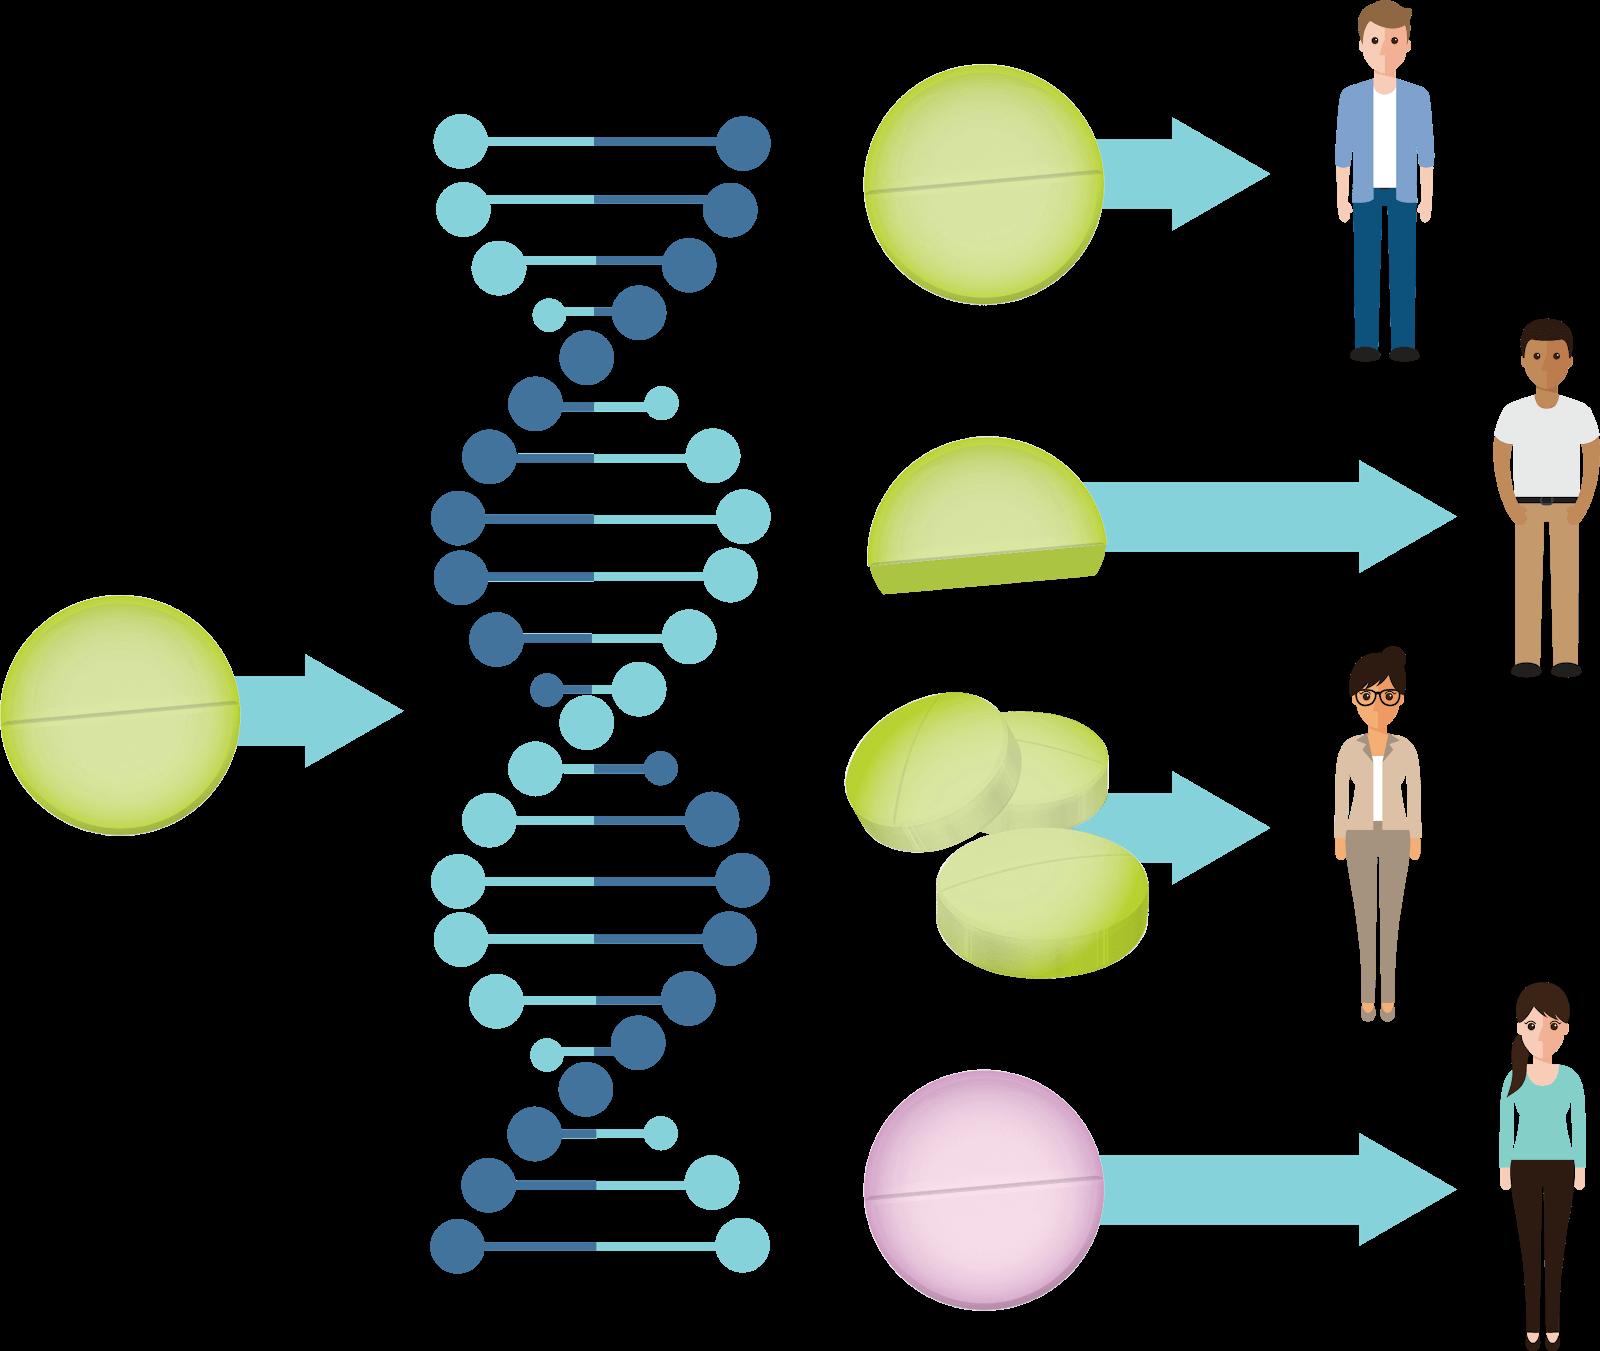 Image explaining pharmacogenetics concept